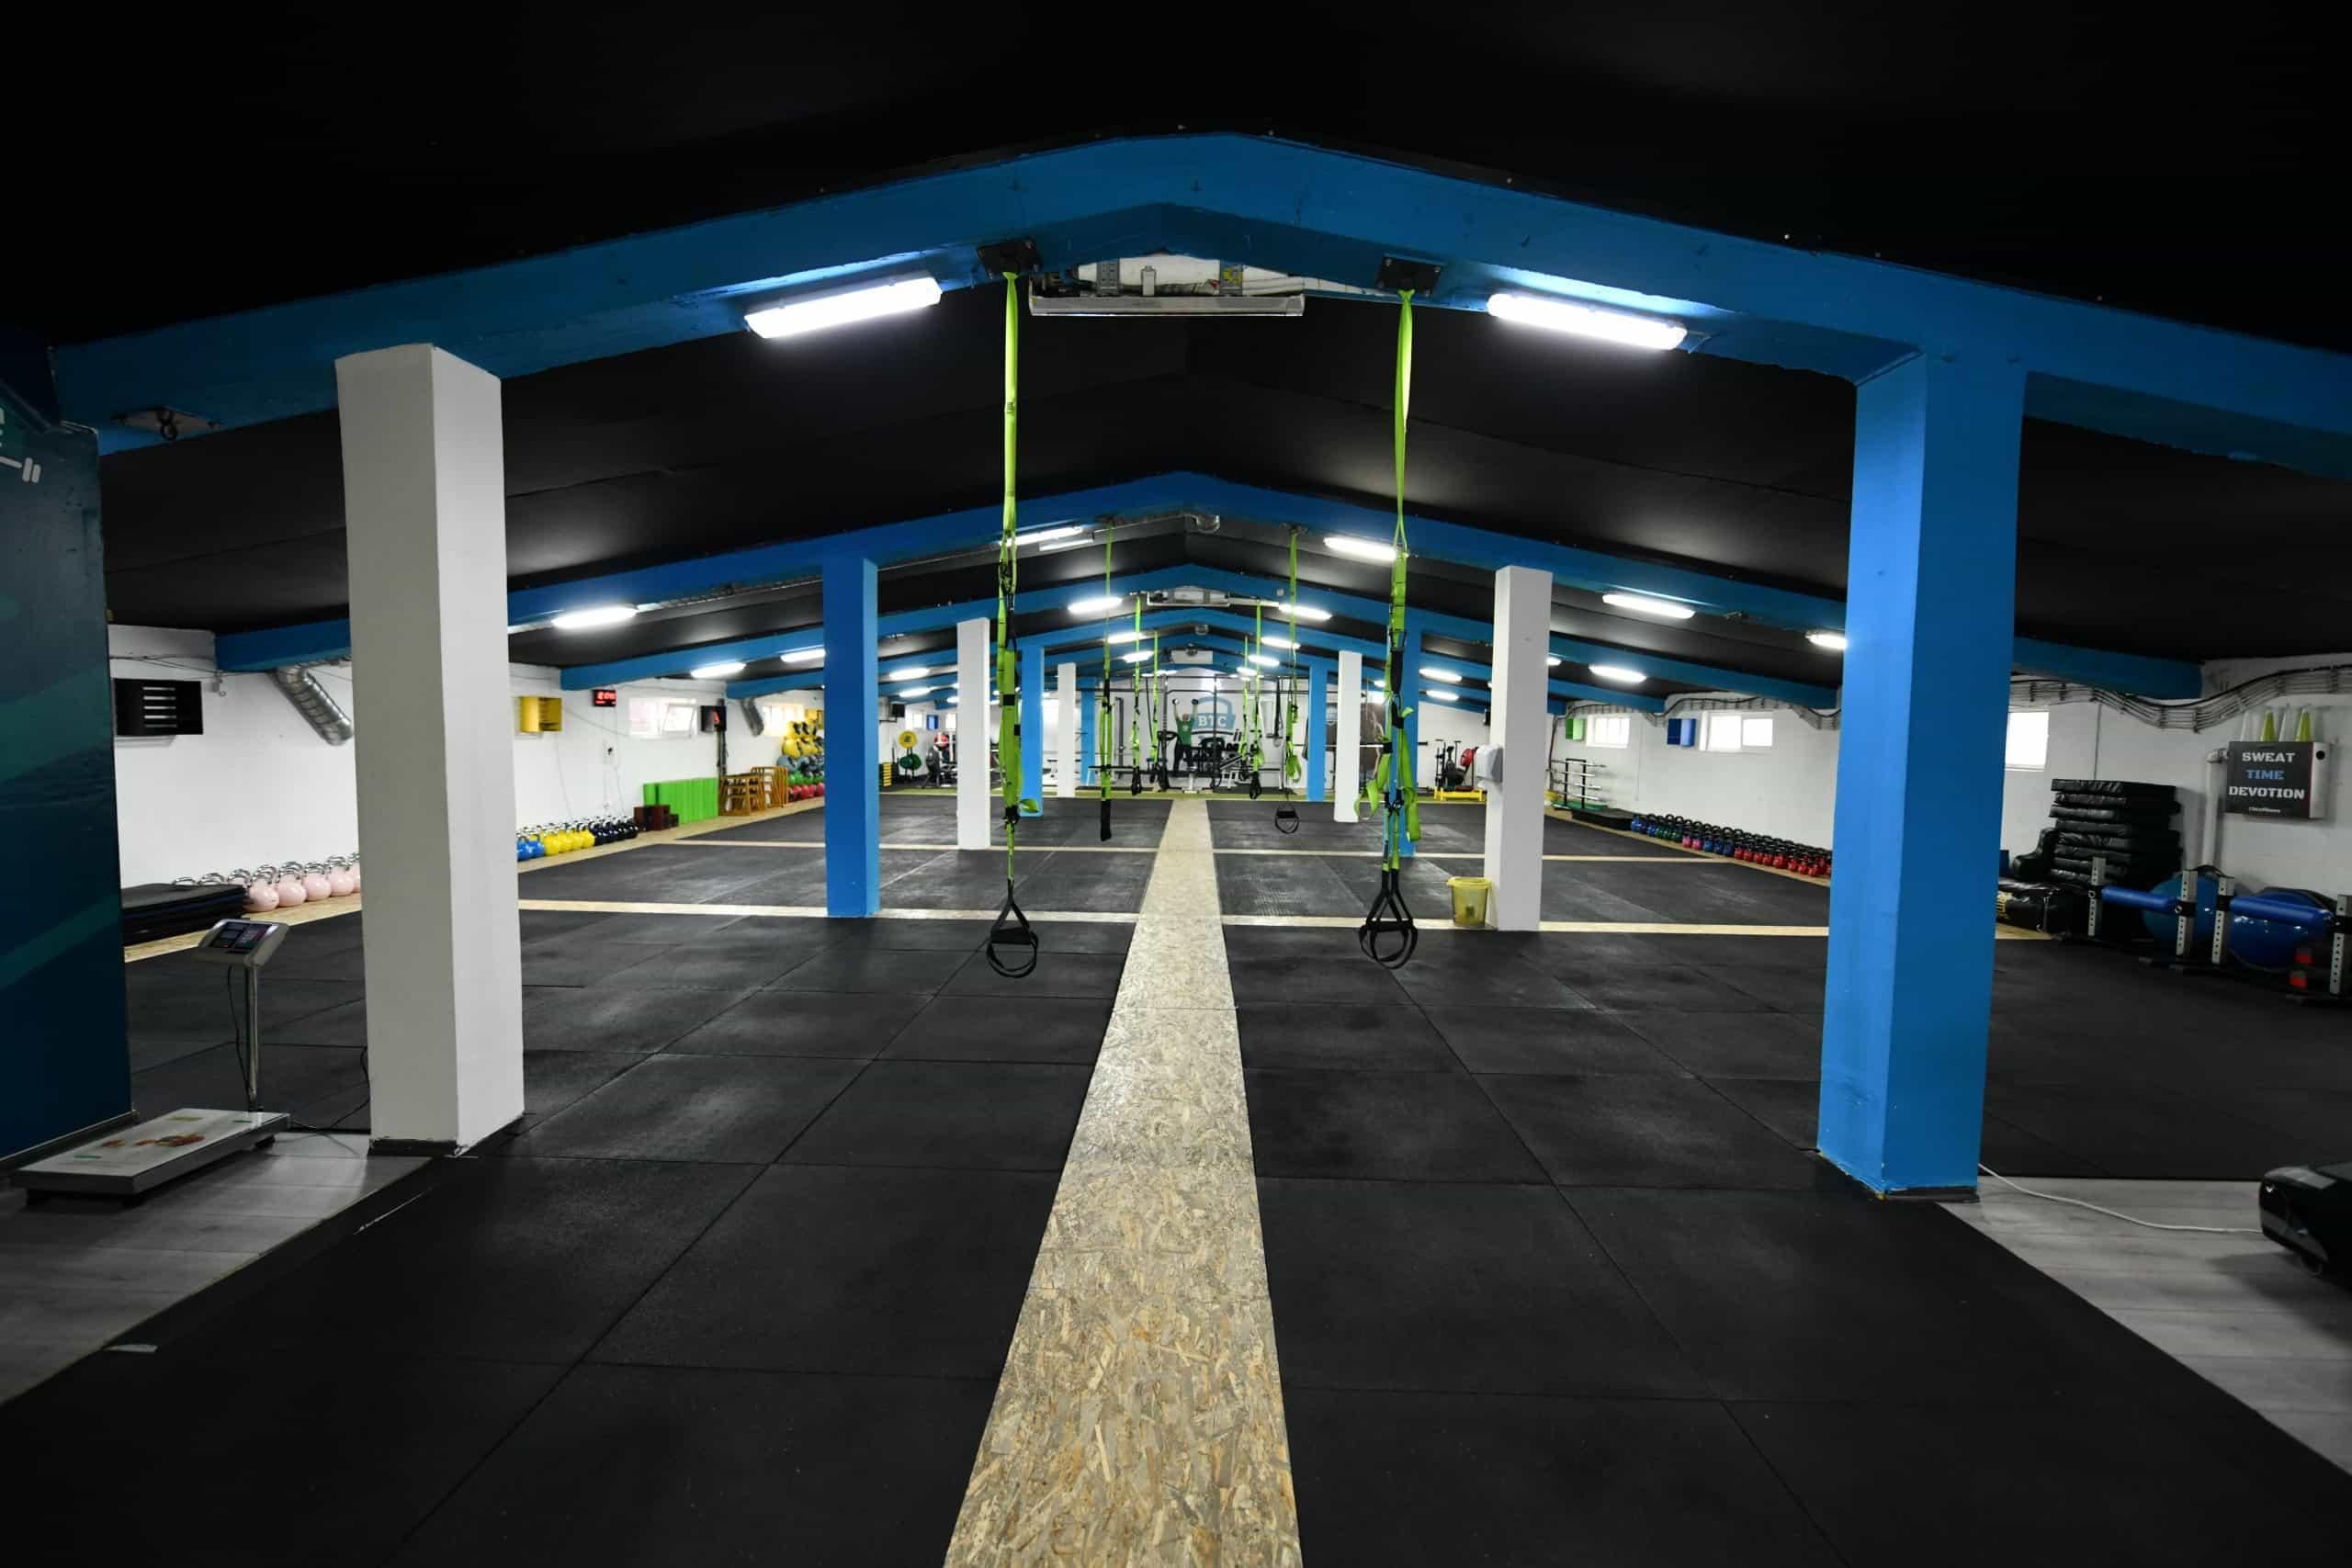 btc-gym